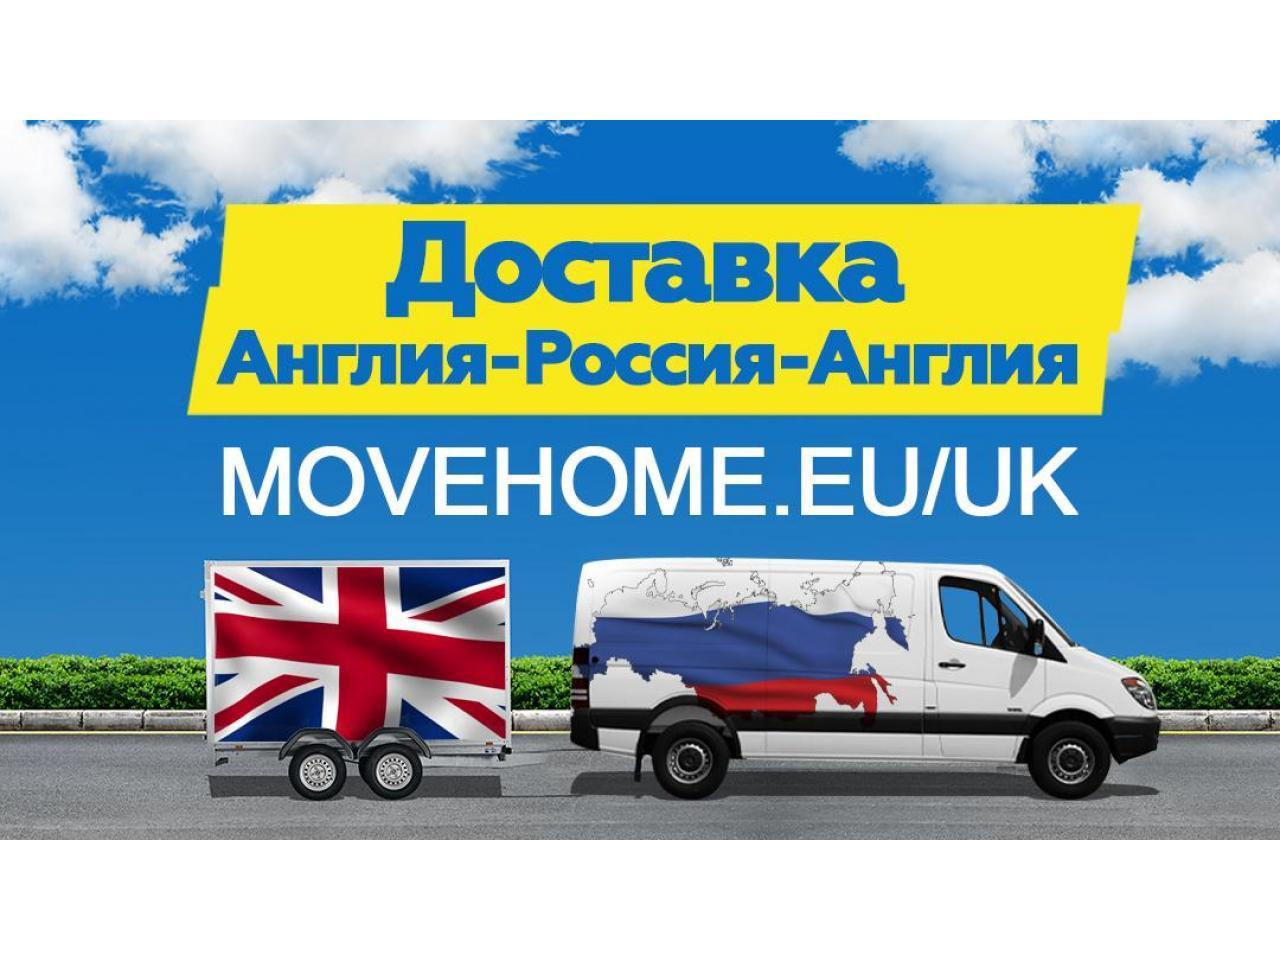 """Компания """"Move Home"""" предлагает доставку переездов по маршруту Англия - Россия - Англия. - 1"""